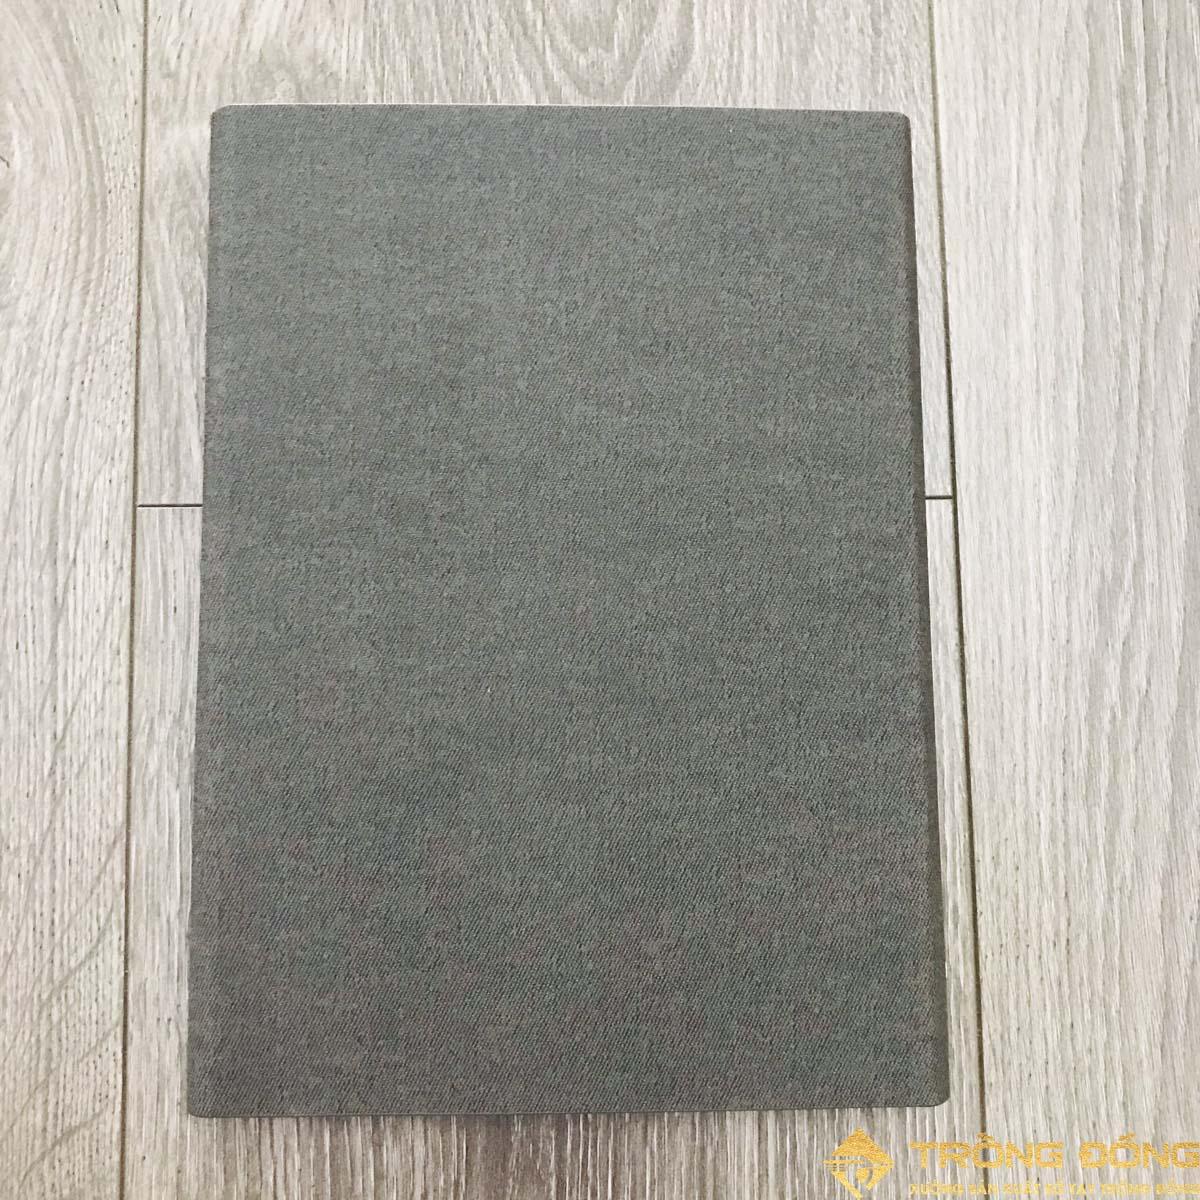 Phần bìa sau của sổ tay bìa da có sẵn mẫu 004